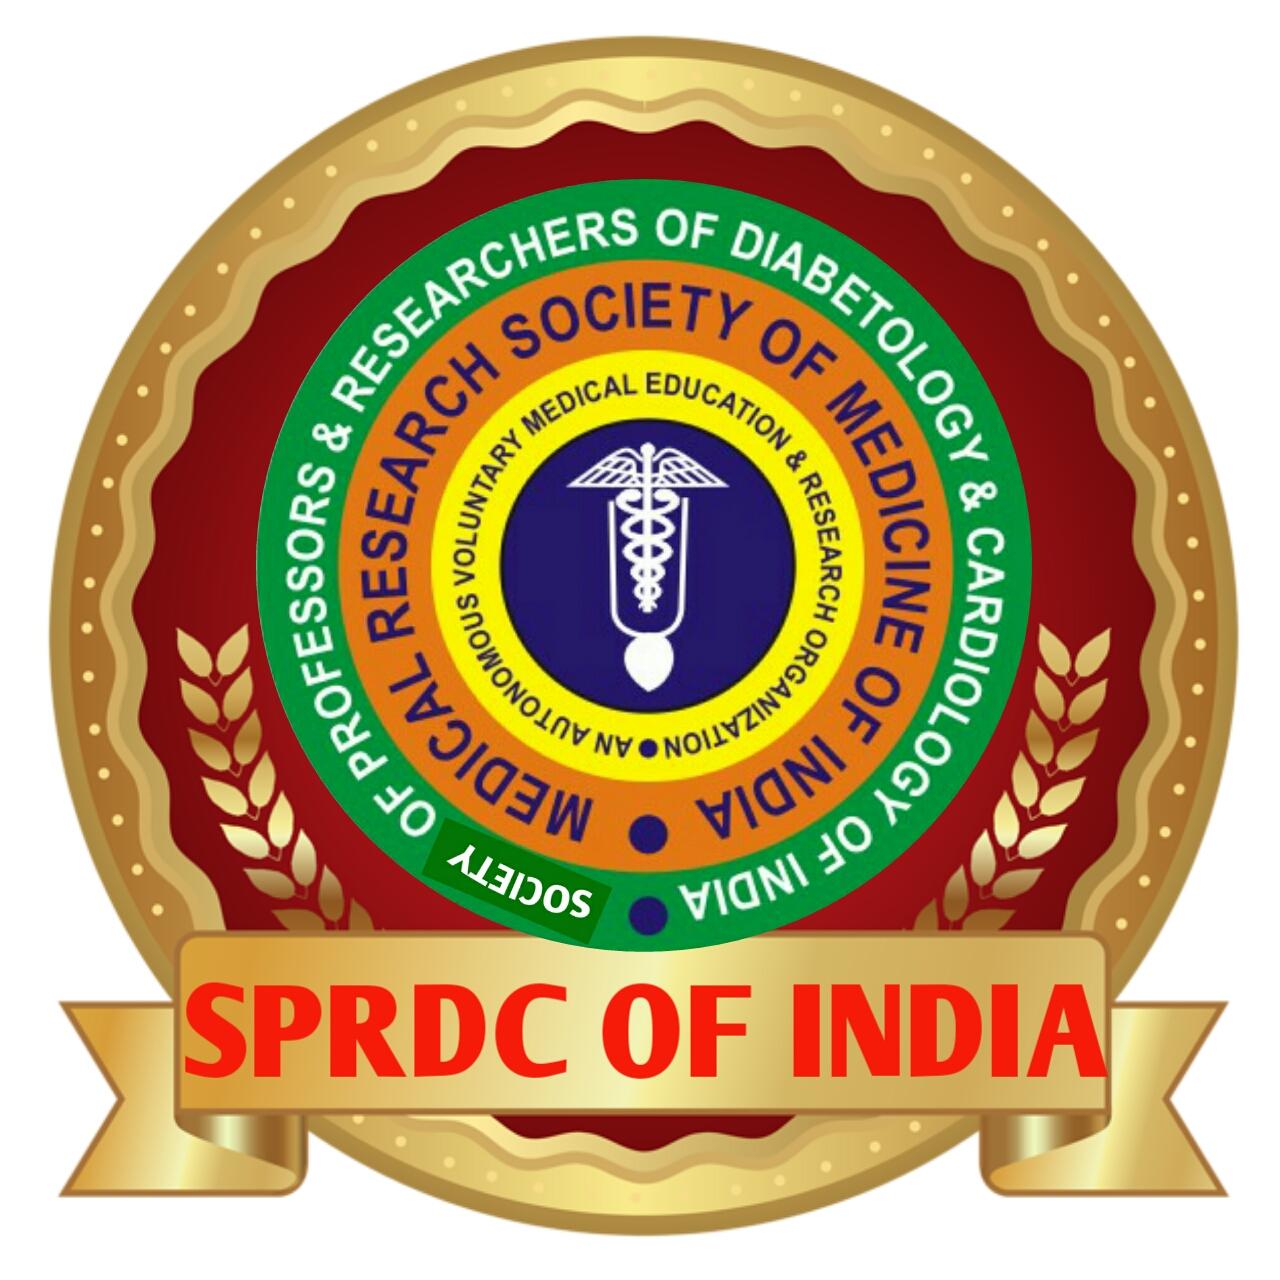 Dr. Sujit Kumar Sarkar